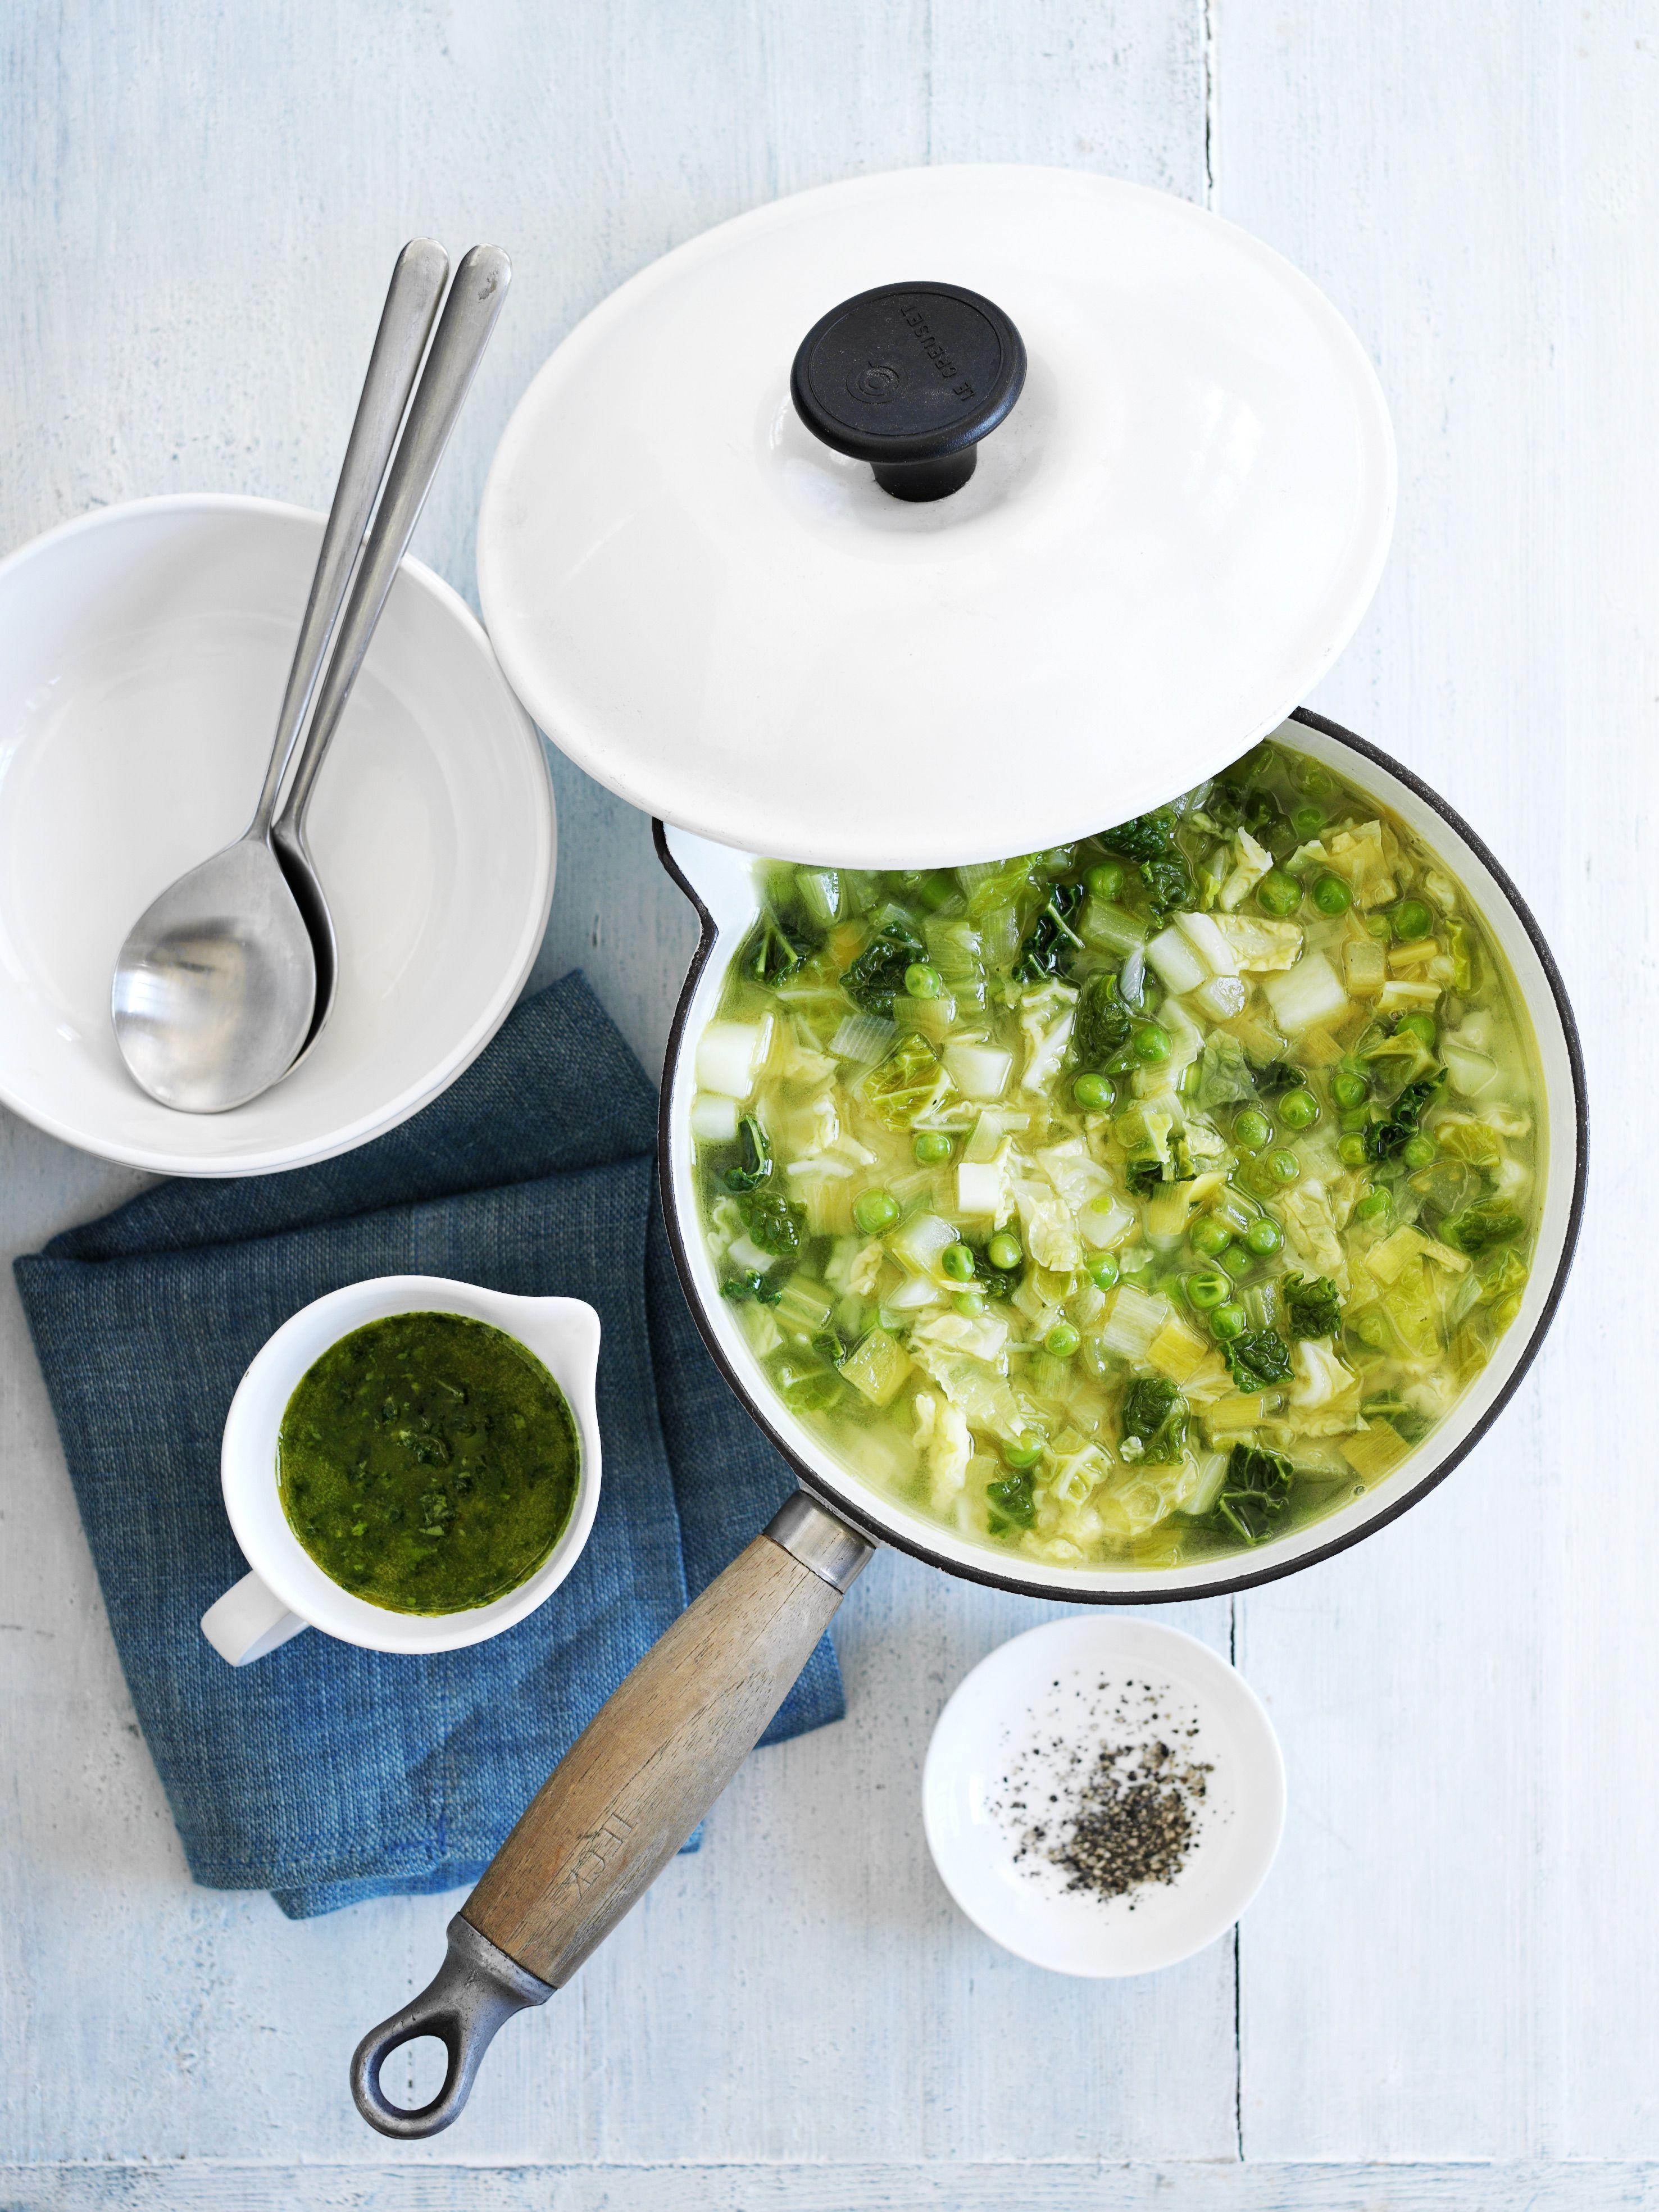 O oală cu supă de legume verzi vibrante